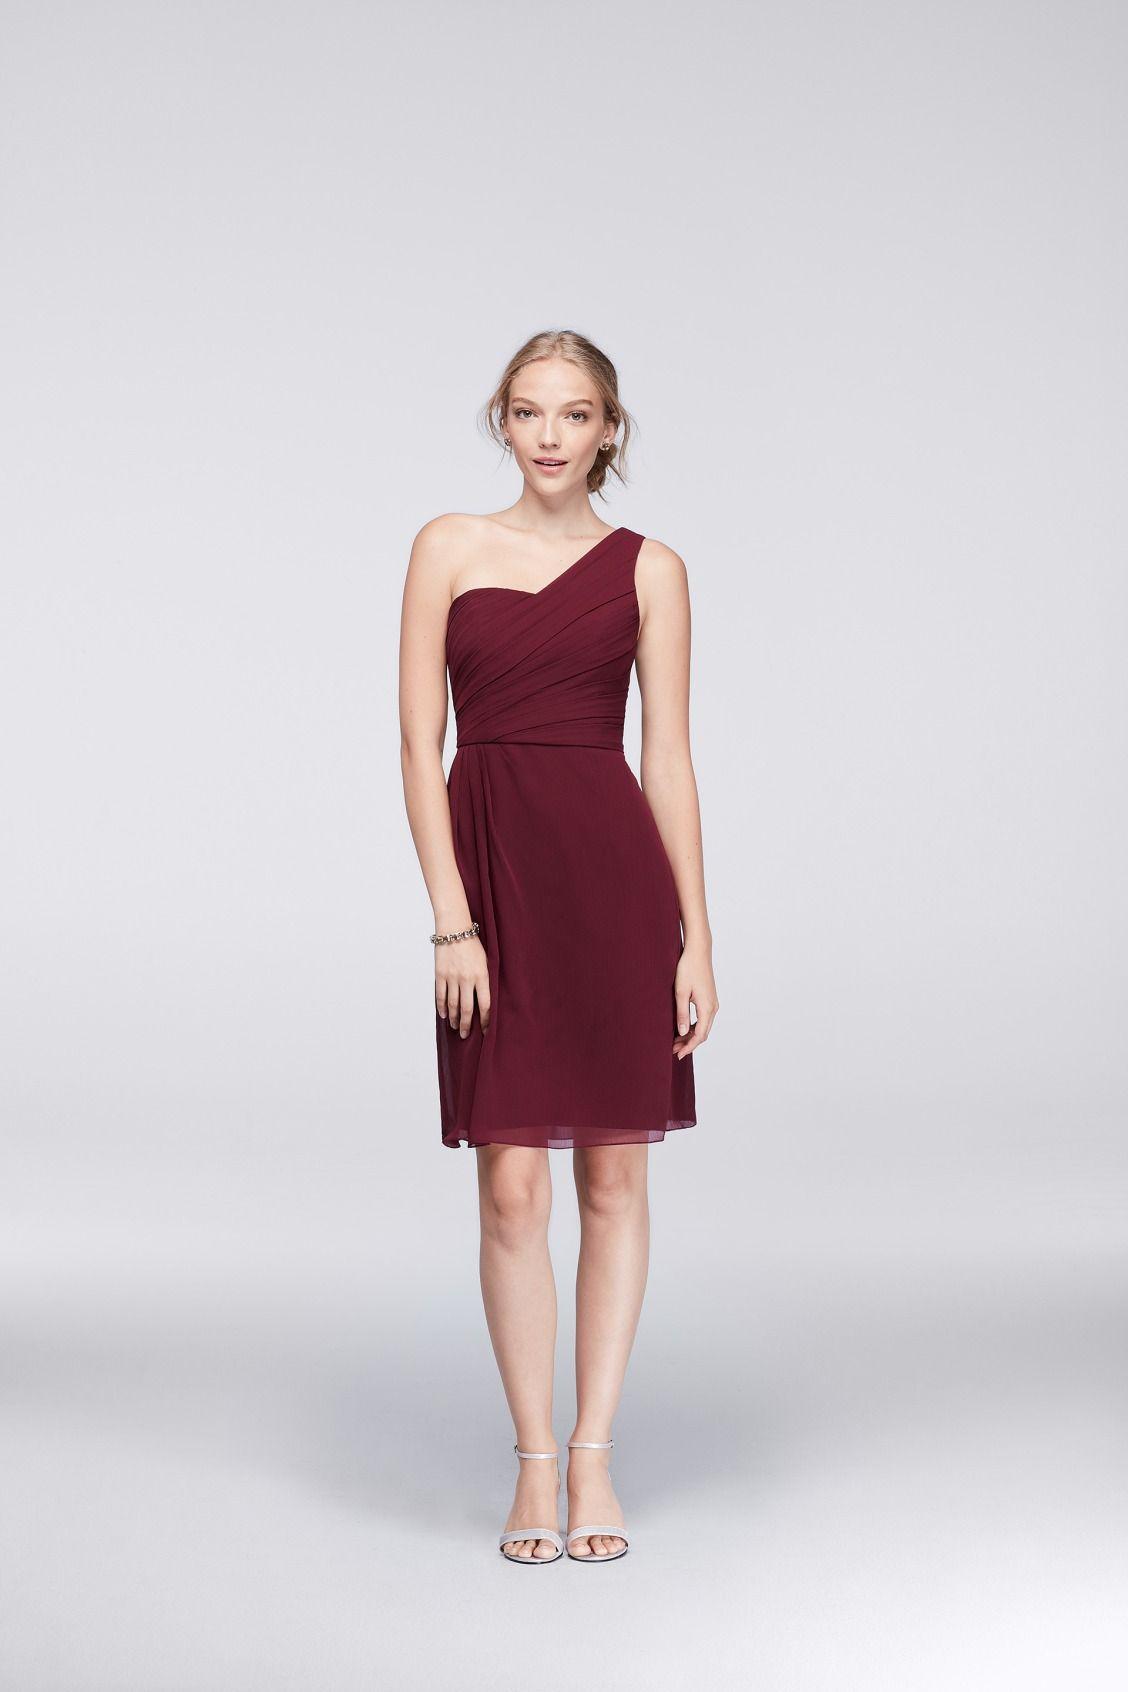 A short one shoulder burgundy bridesmaid dress from David s Bridal ... b8b5ffeb60df